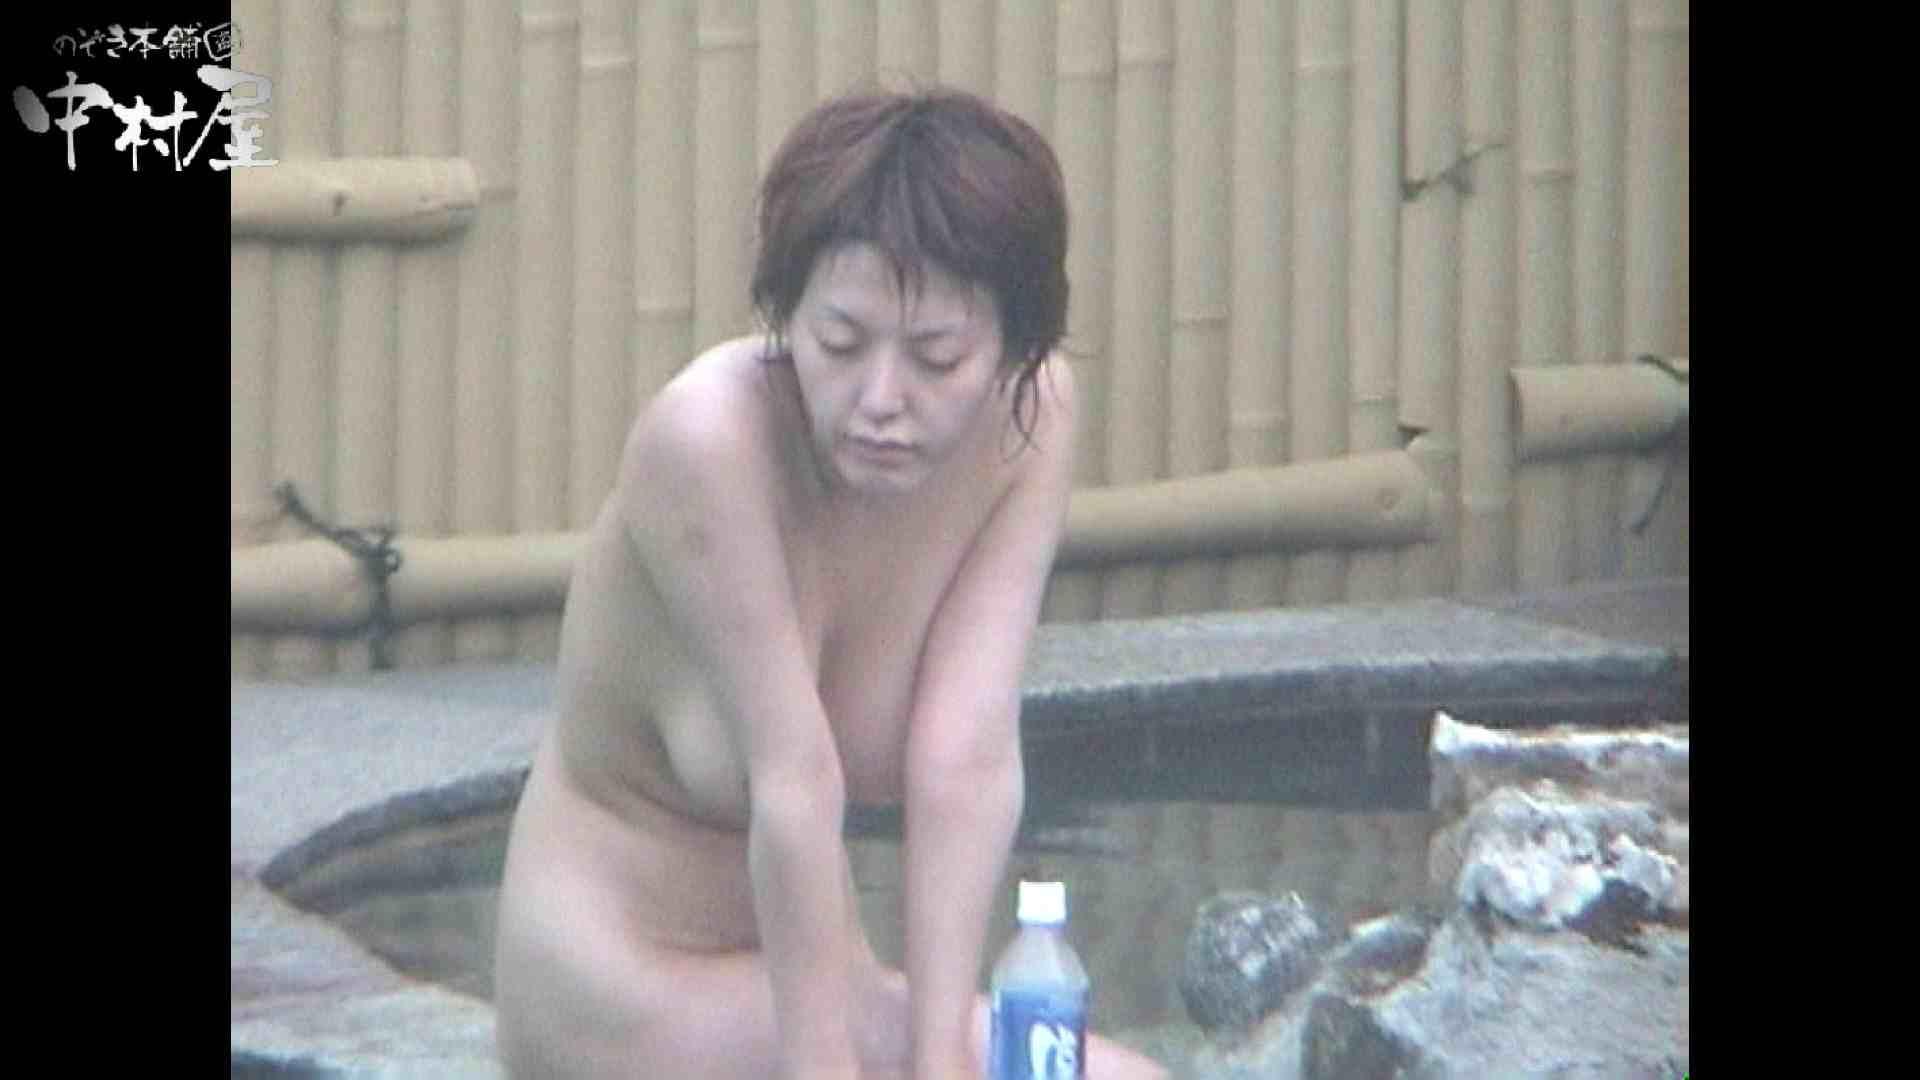 Aquaな露天風呂Vol.959 女体盗撮  101連発 84